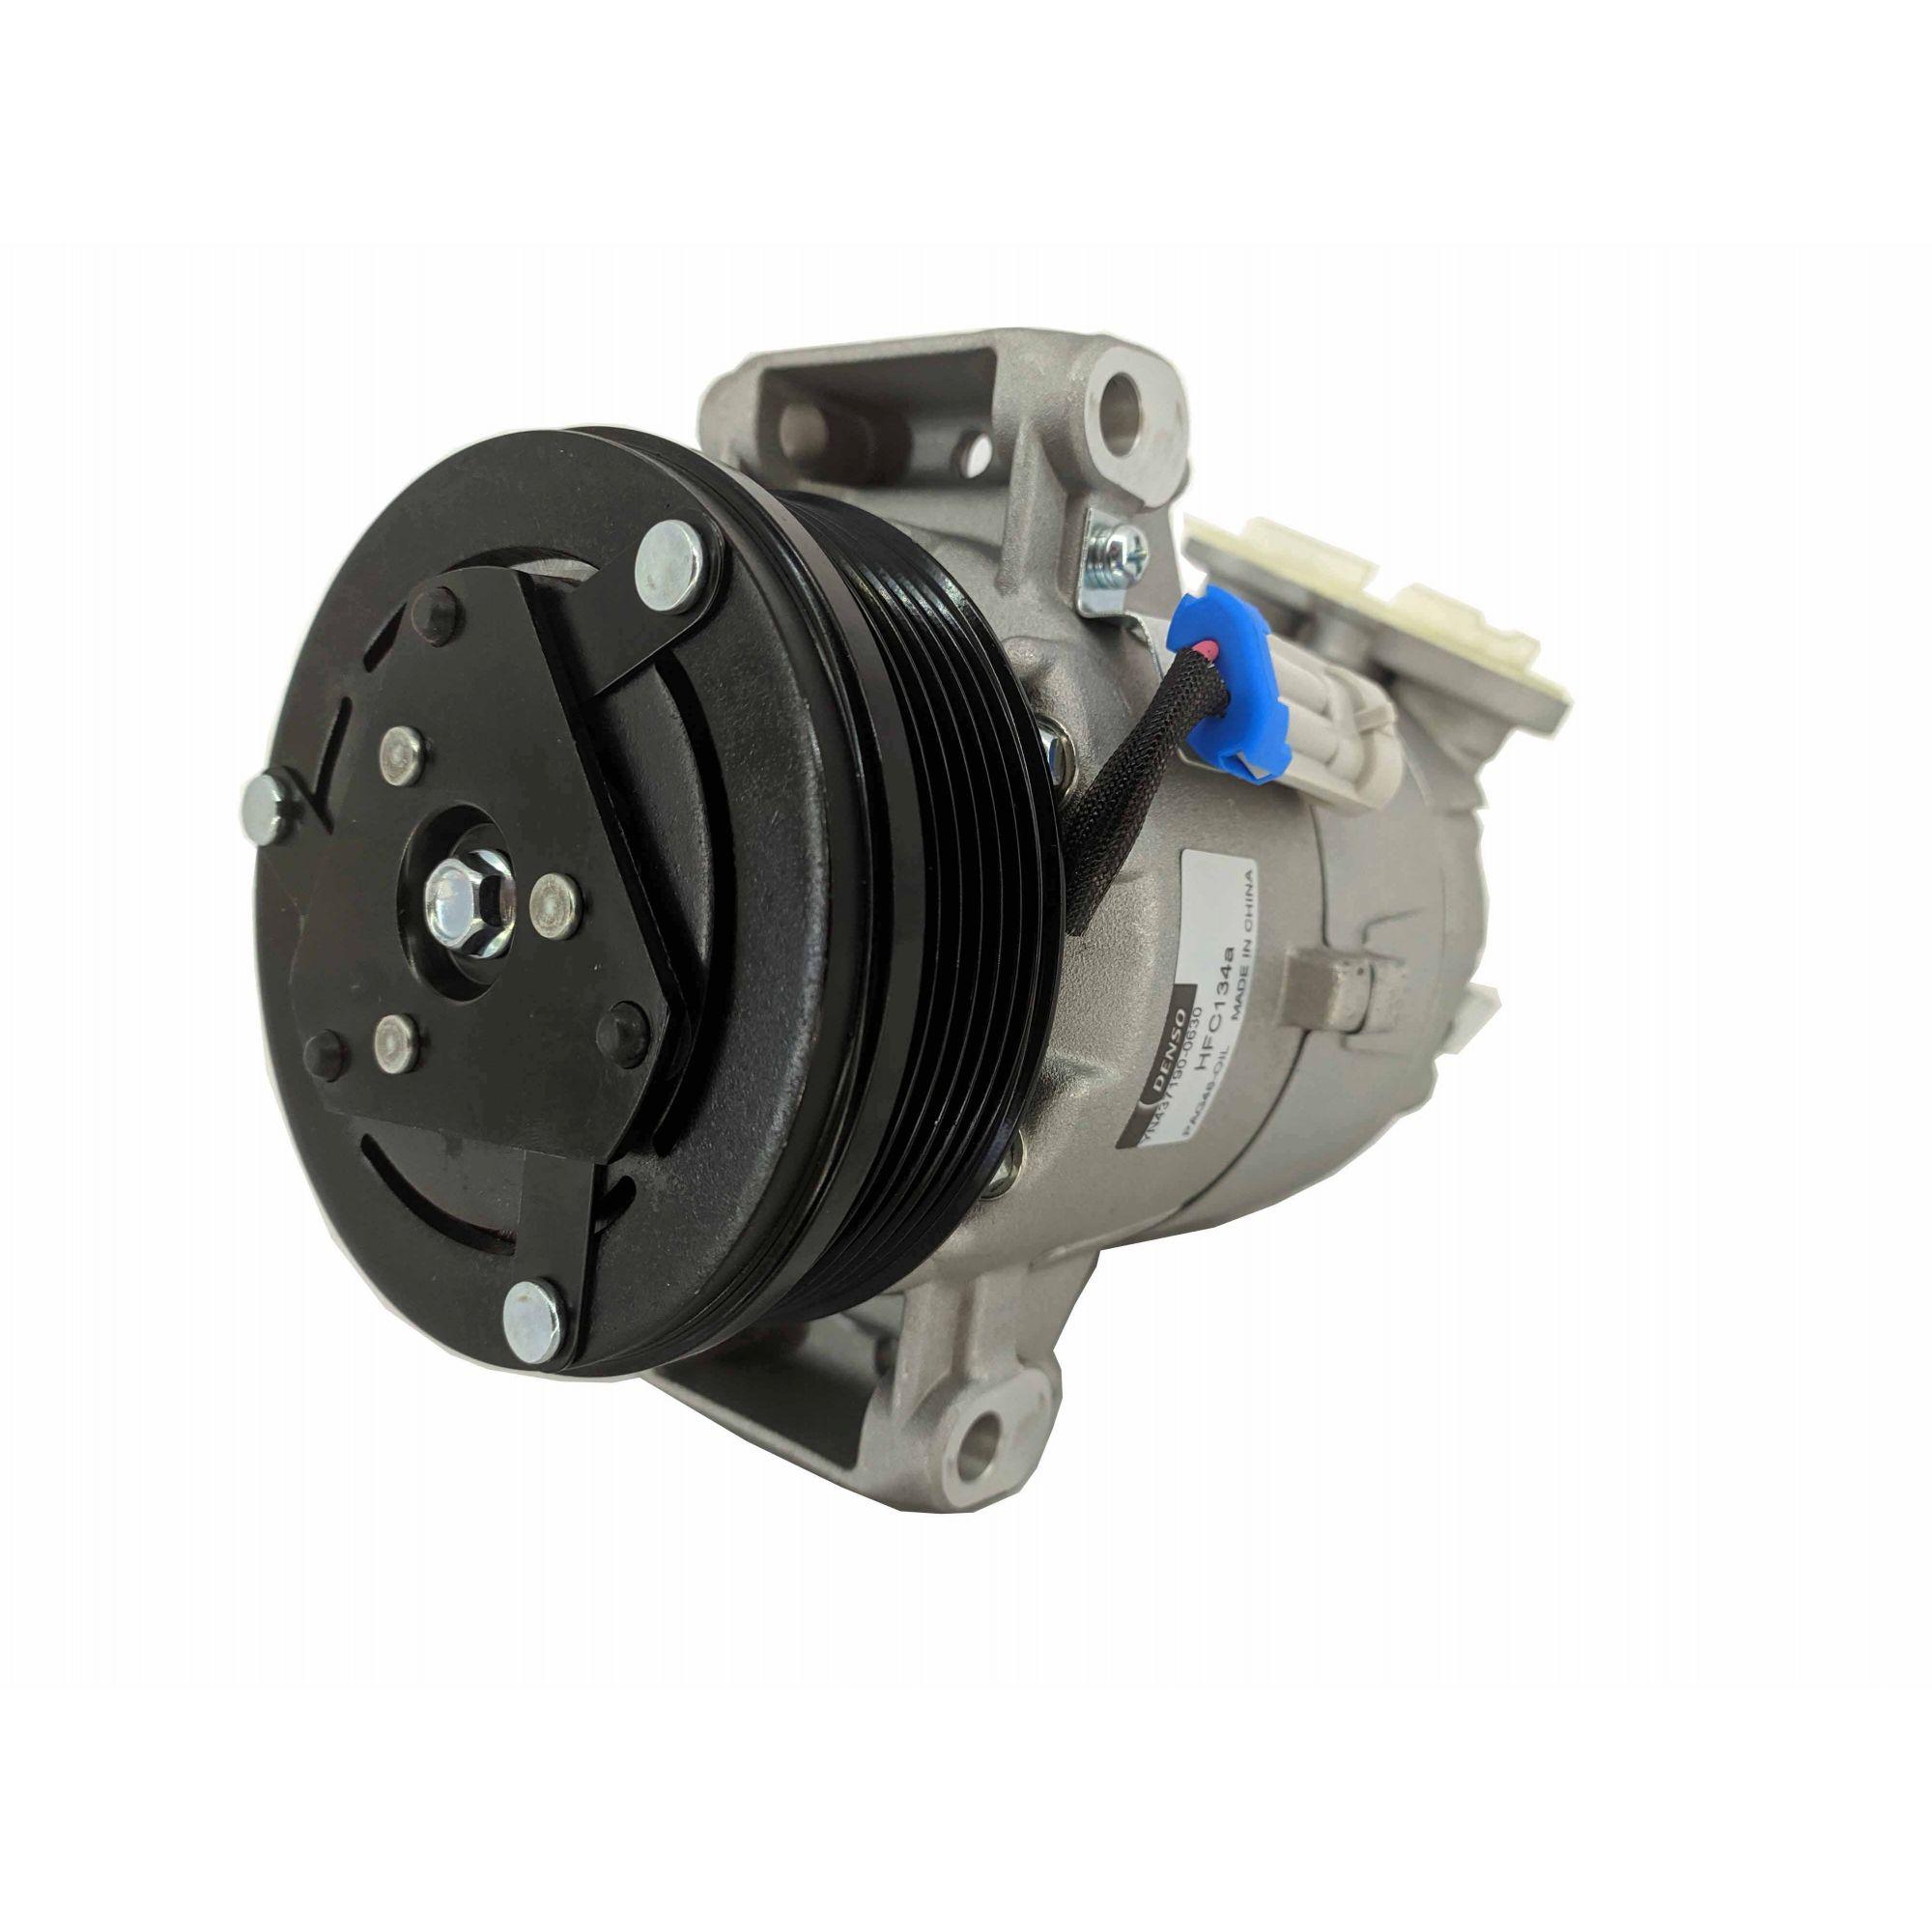 Compressor S10 / Blazer 2.8 - 2.4 + Brinde - Original DENSO